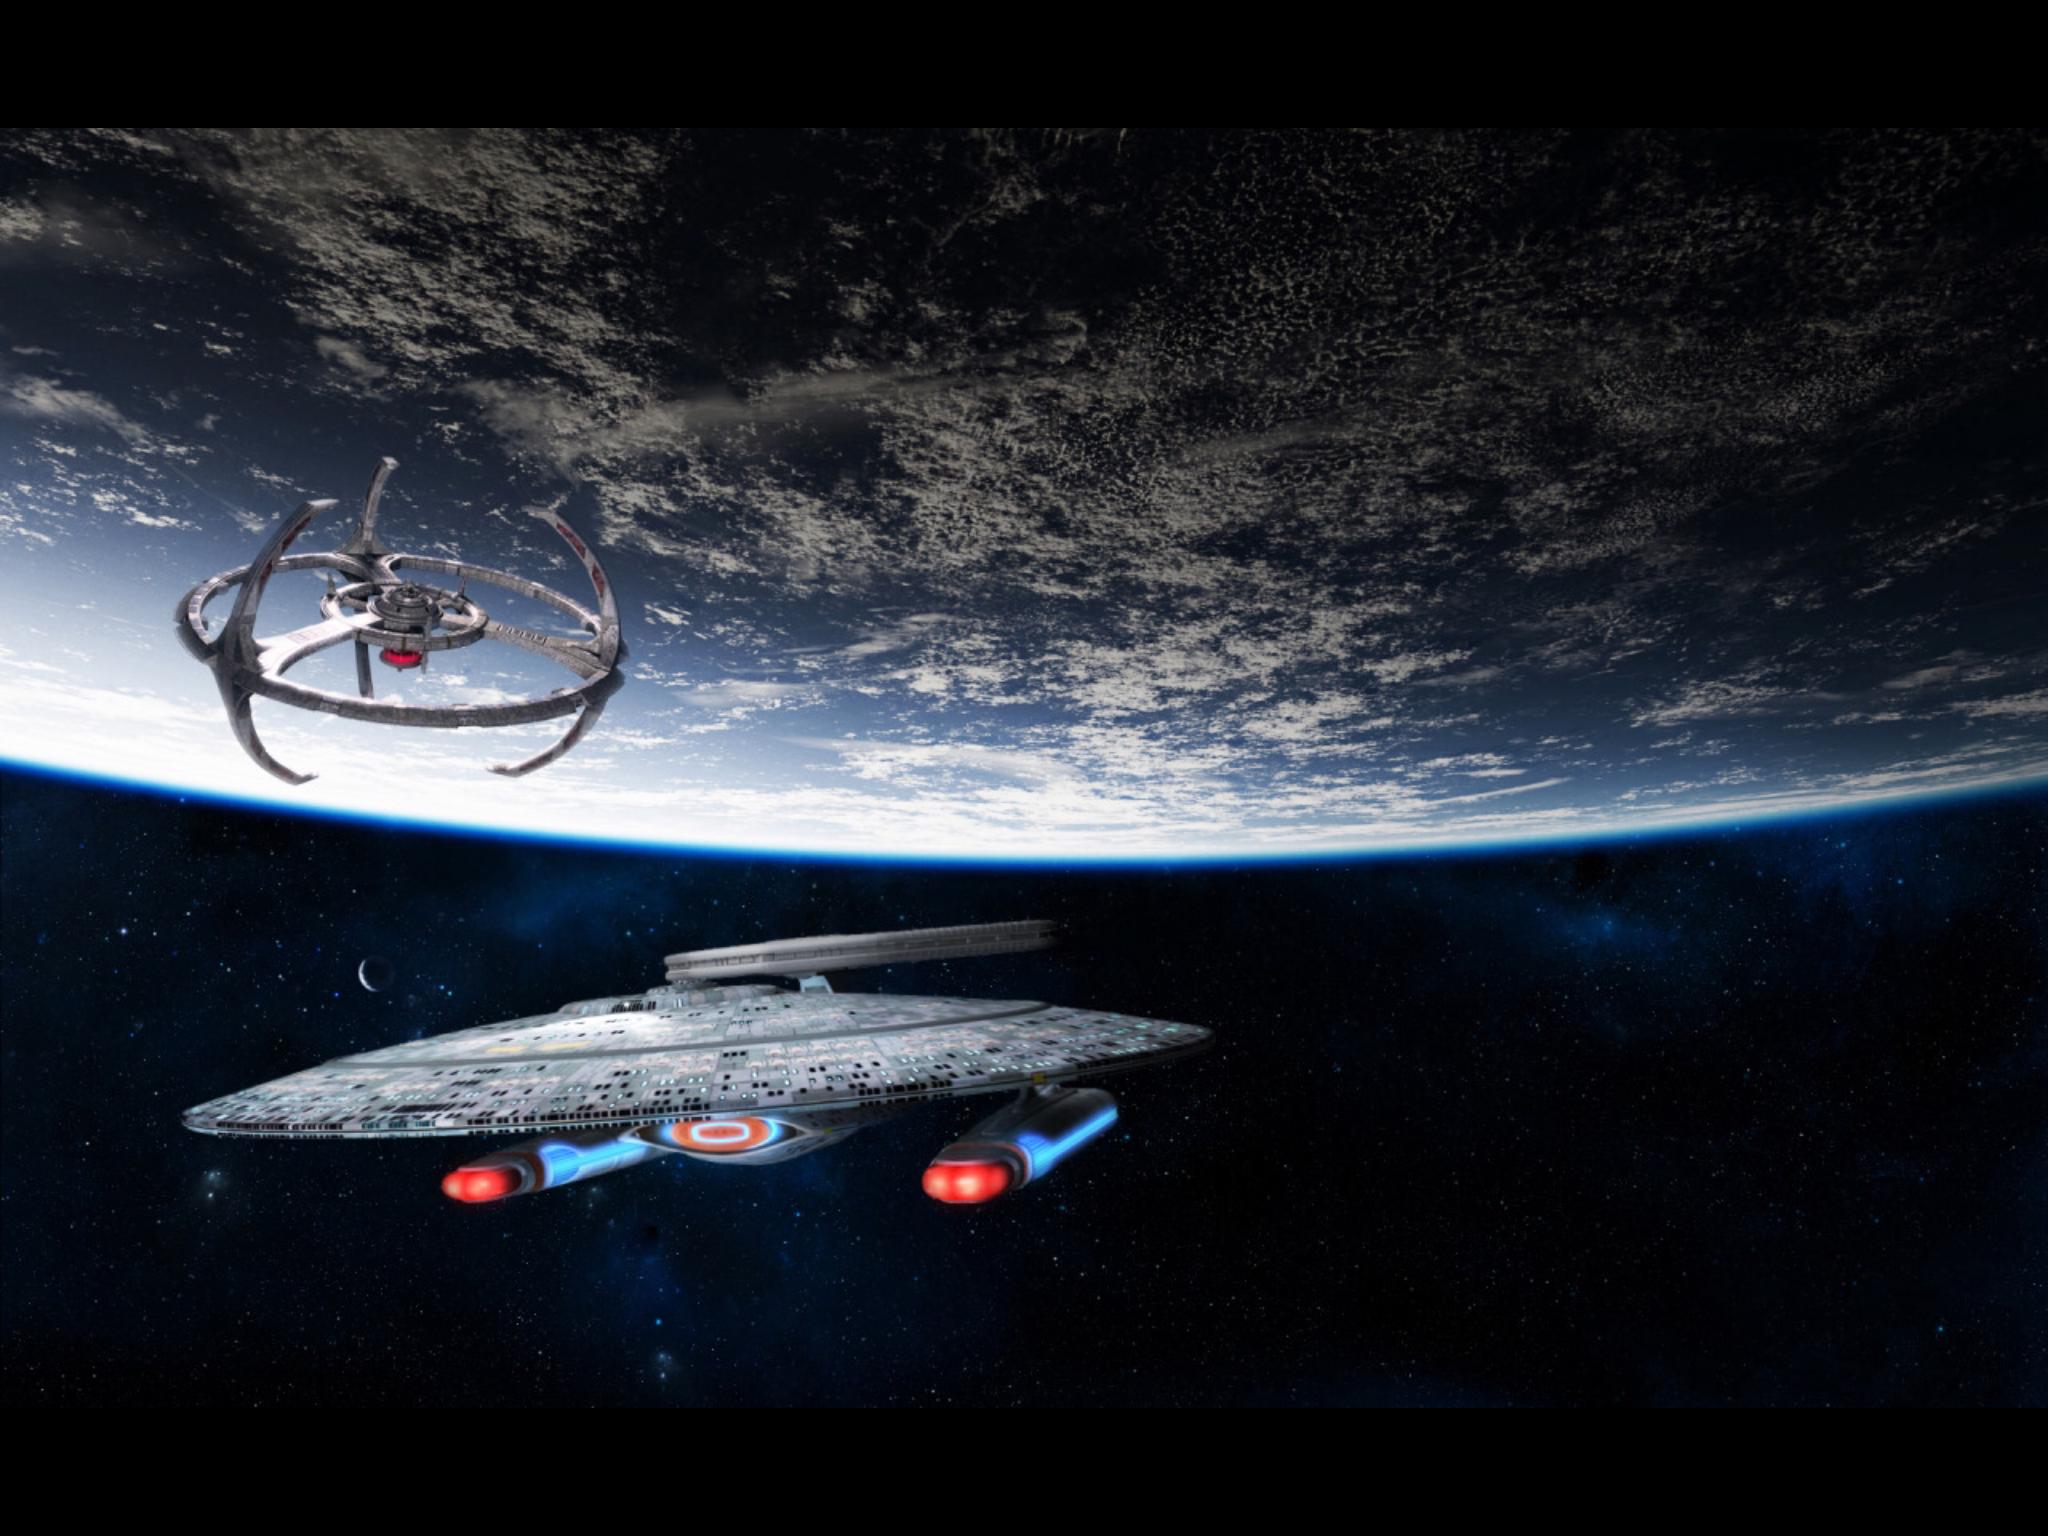 Pin By Andrew Suhrer On Star Trek Star Trek Wallpaper Planets Wallpaper Star Trek